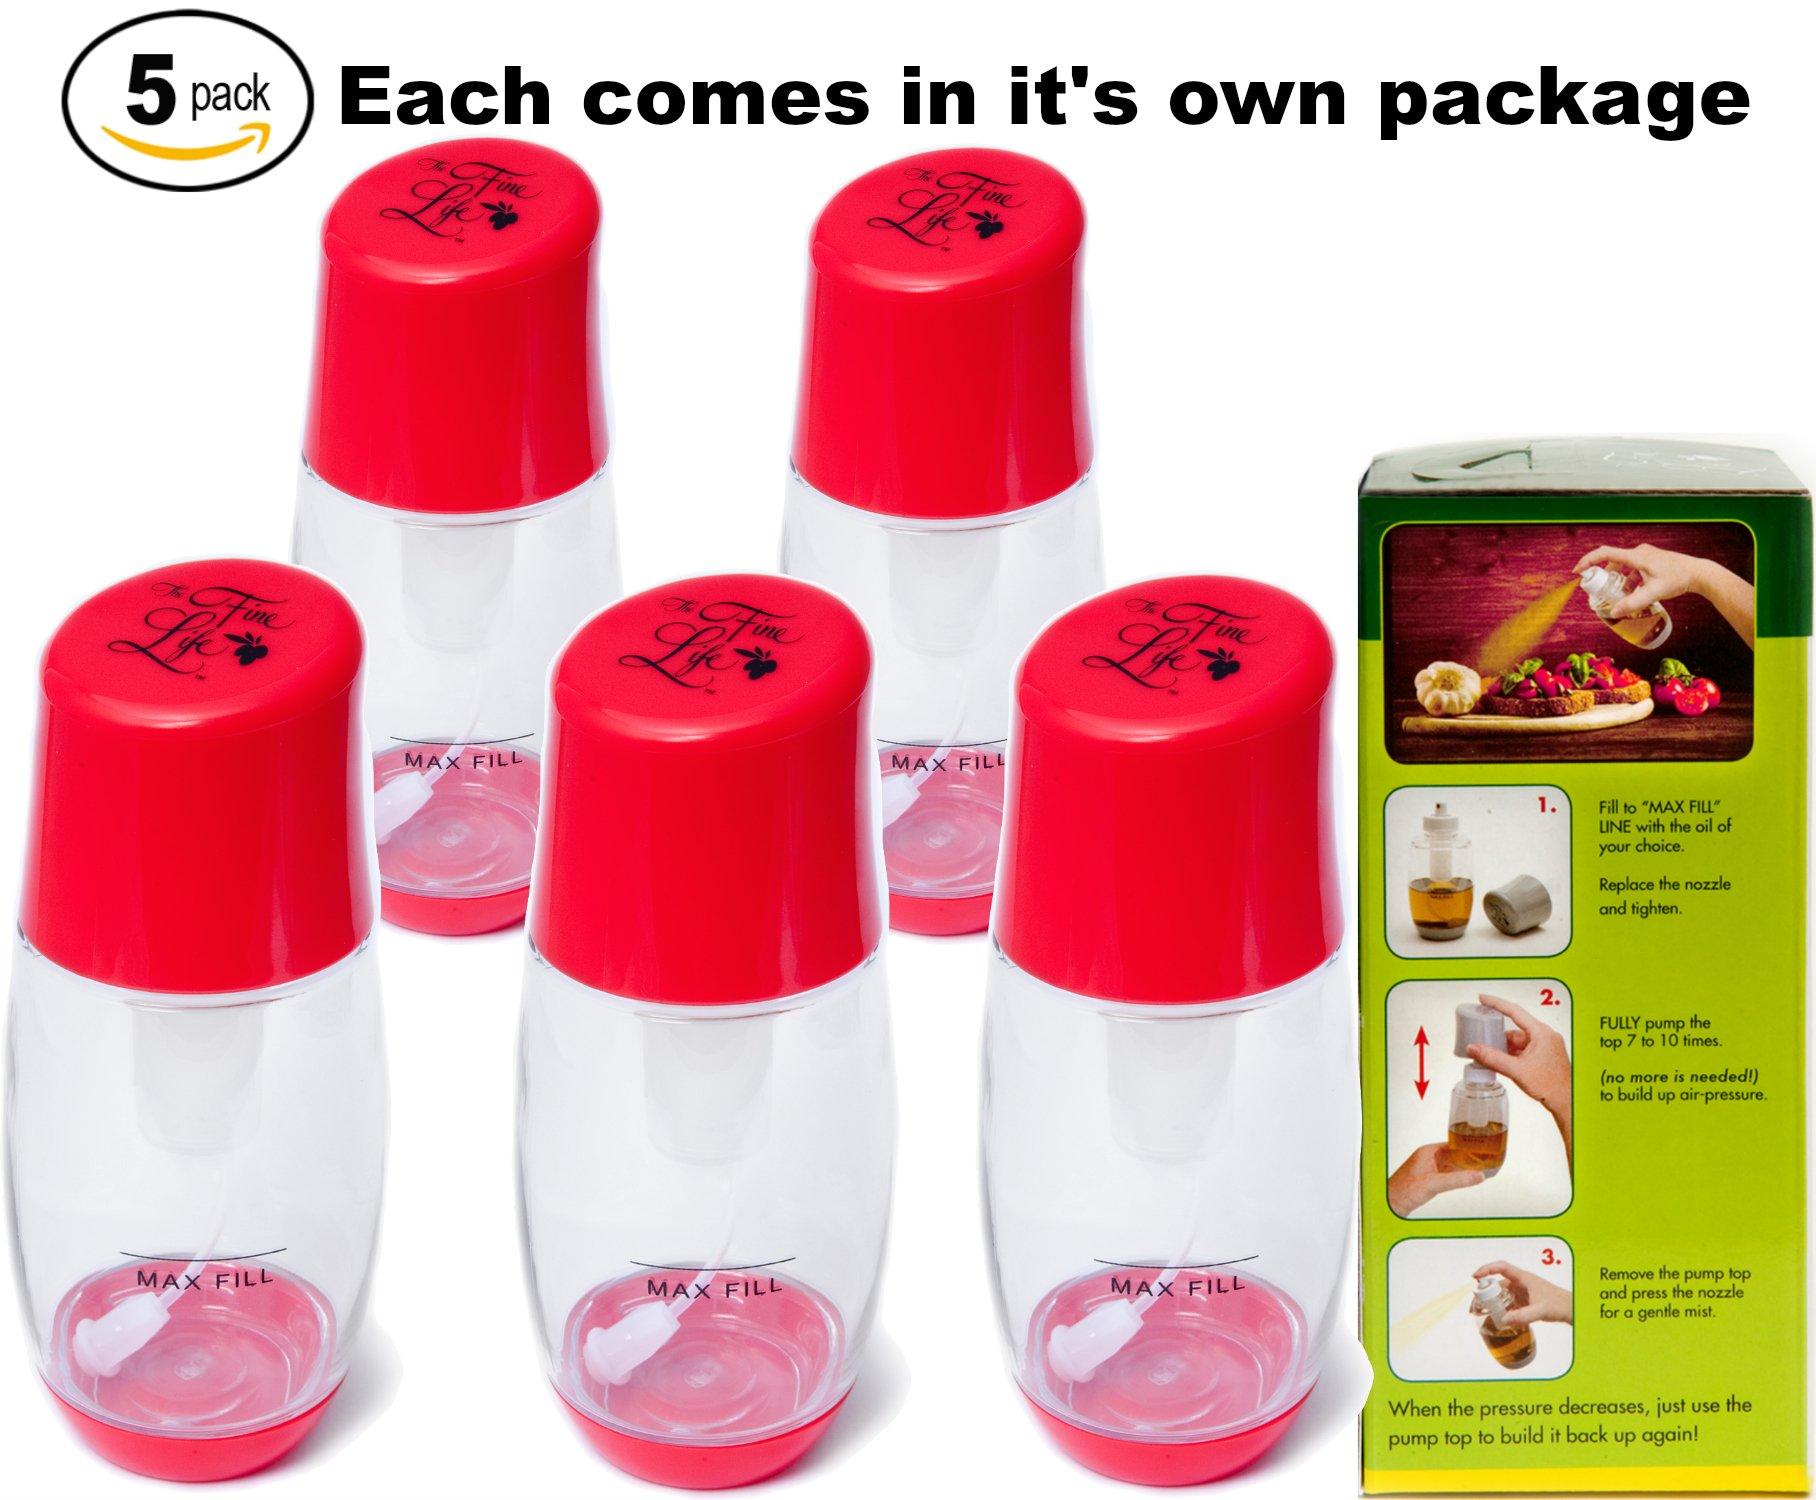 Ideal Kitchen Bundle Olive Oil Sprayer Mister - 5-Pack - Red